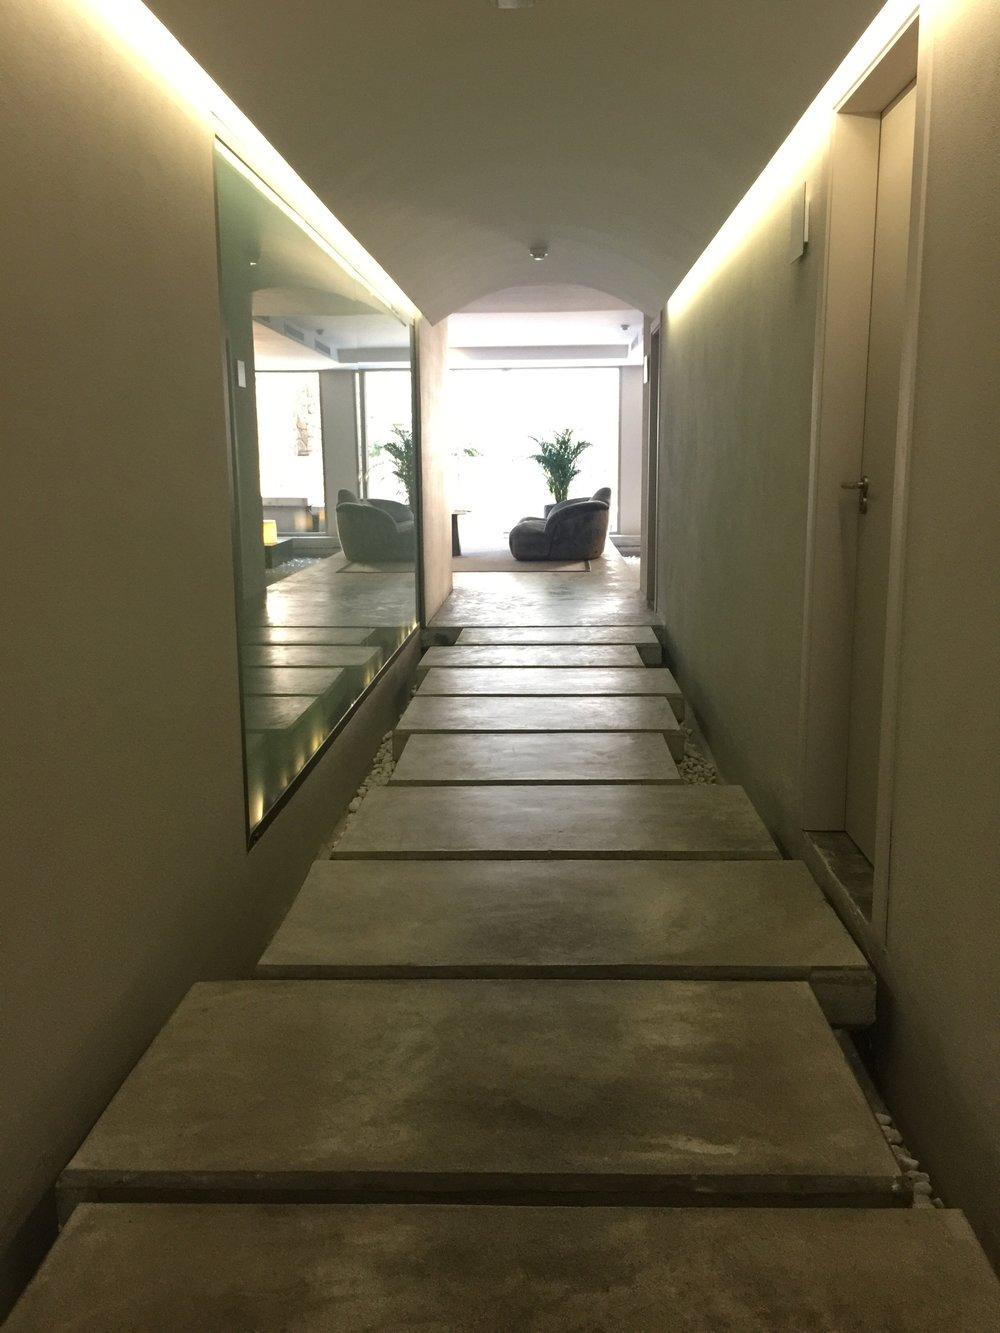 Spa entrance.